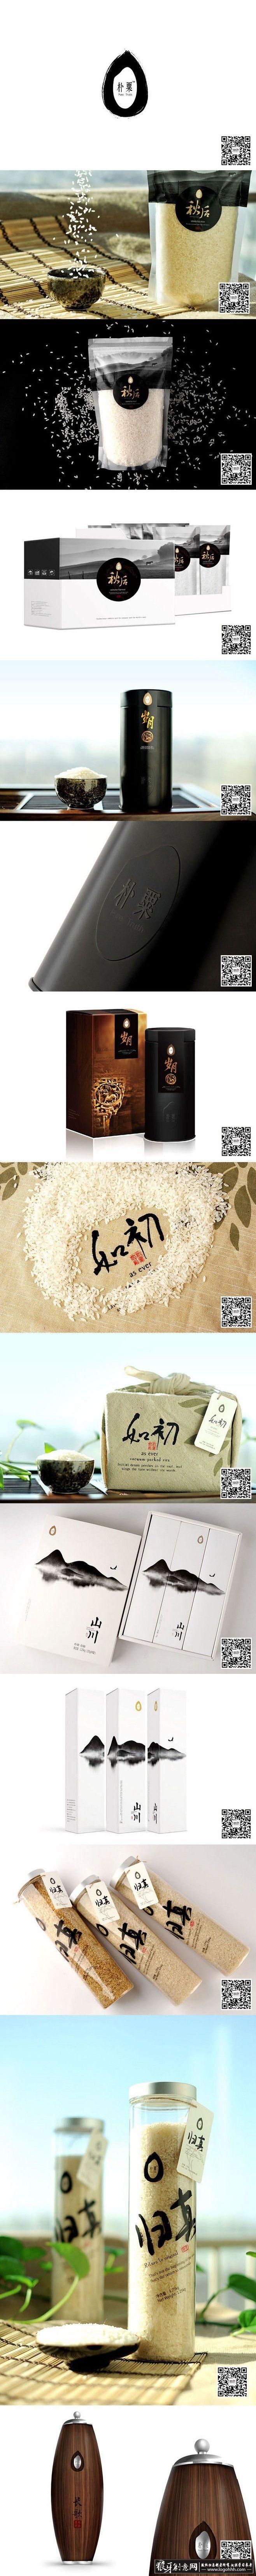 [包装灵感] 创新的高端大米包装设计 水...